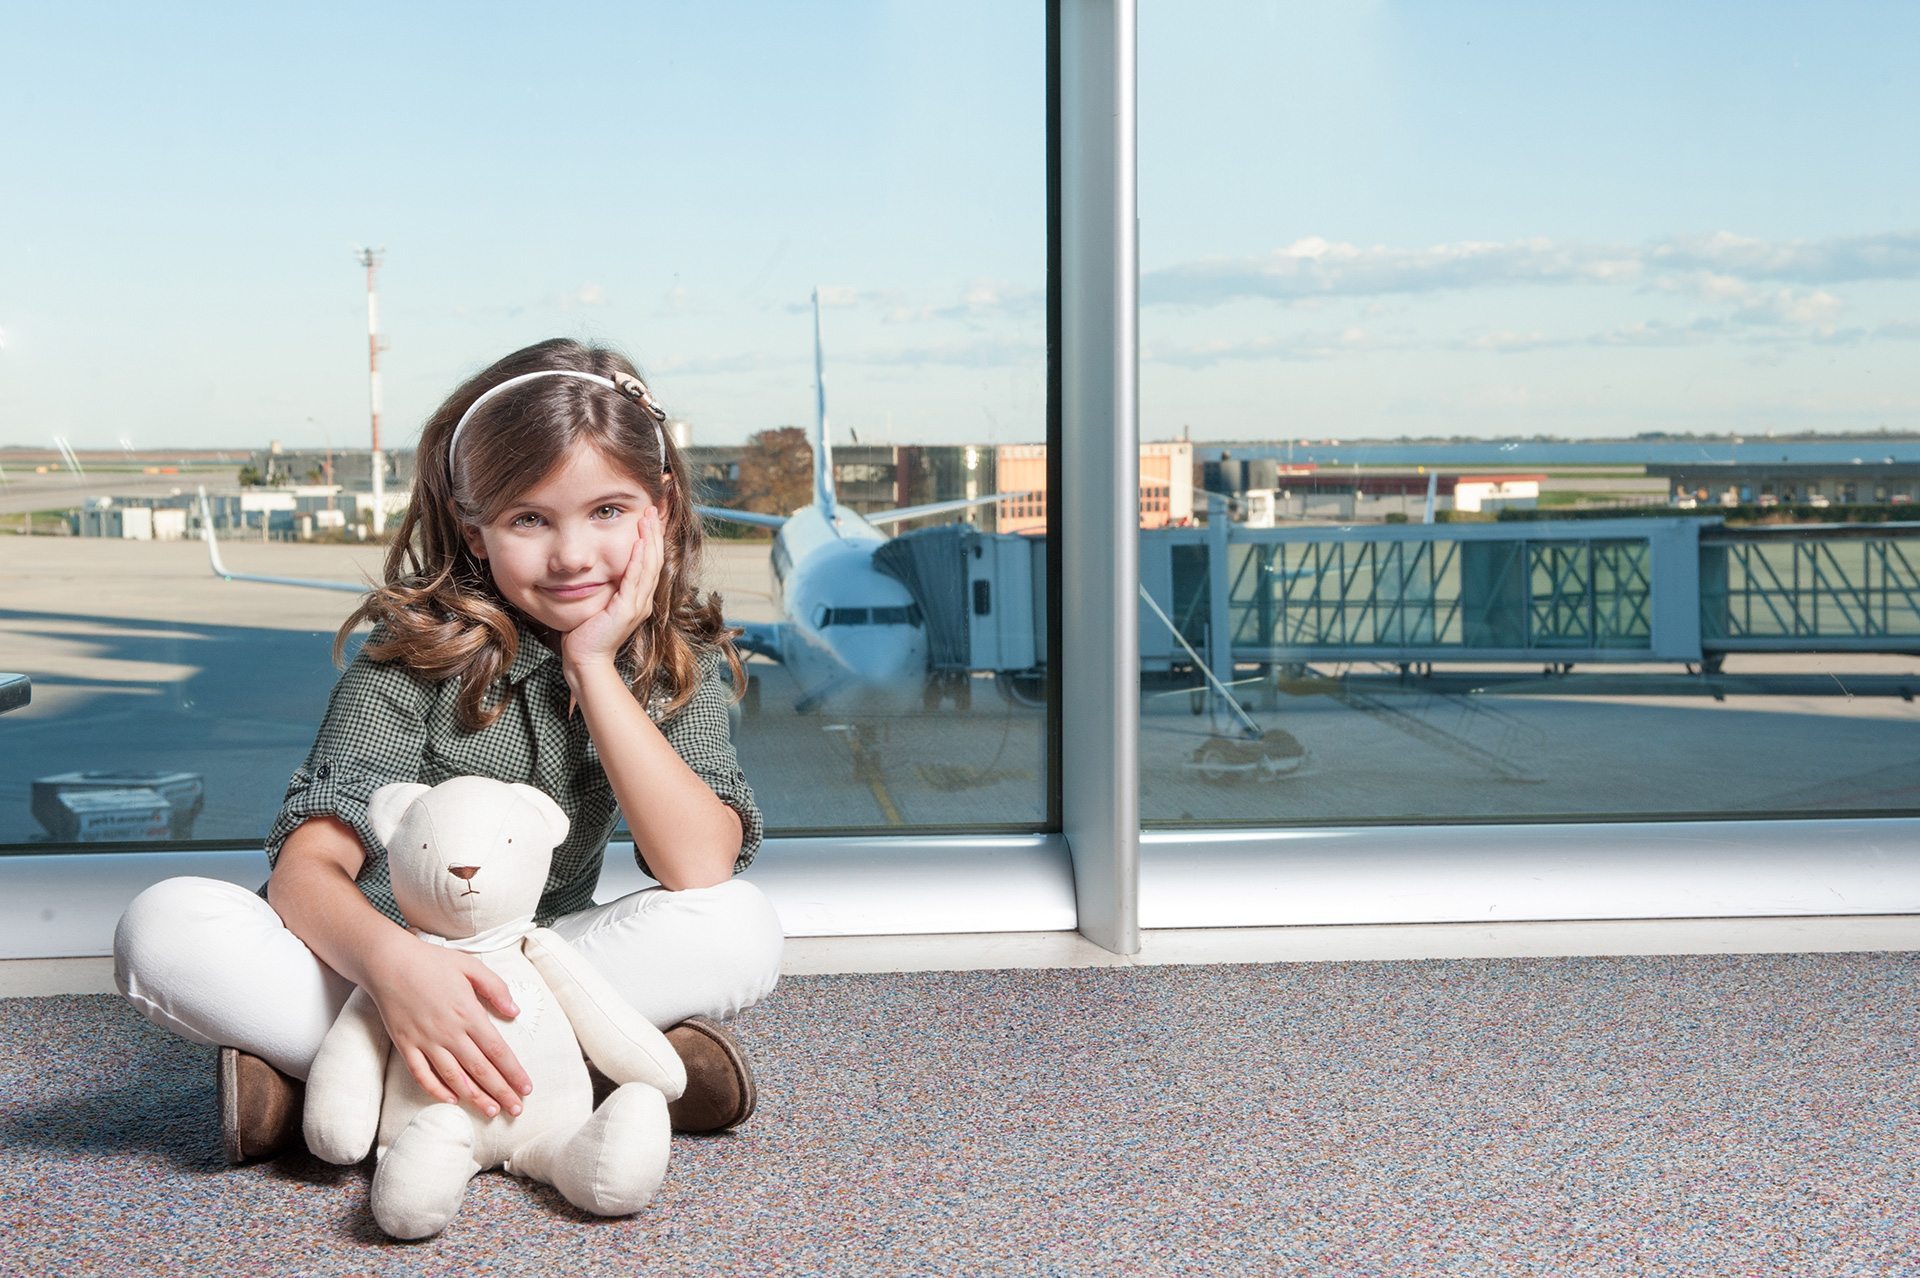 foto all'aeroporto per campagna pubblicitaria all'aeroporto di treviso